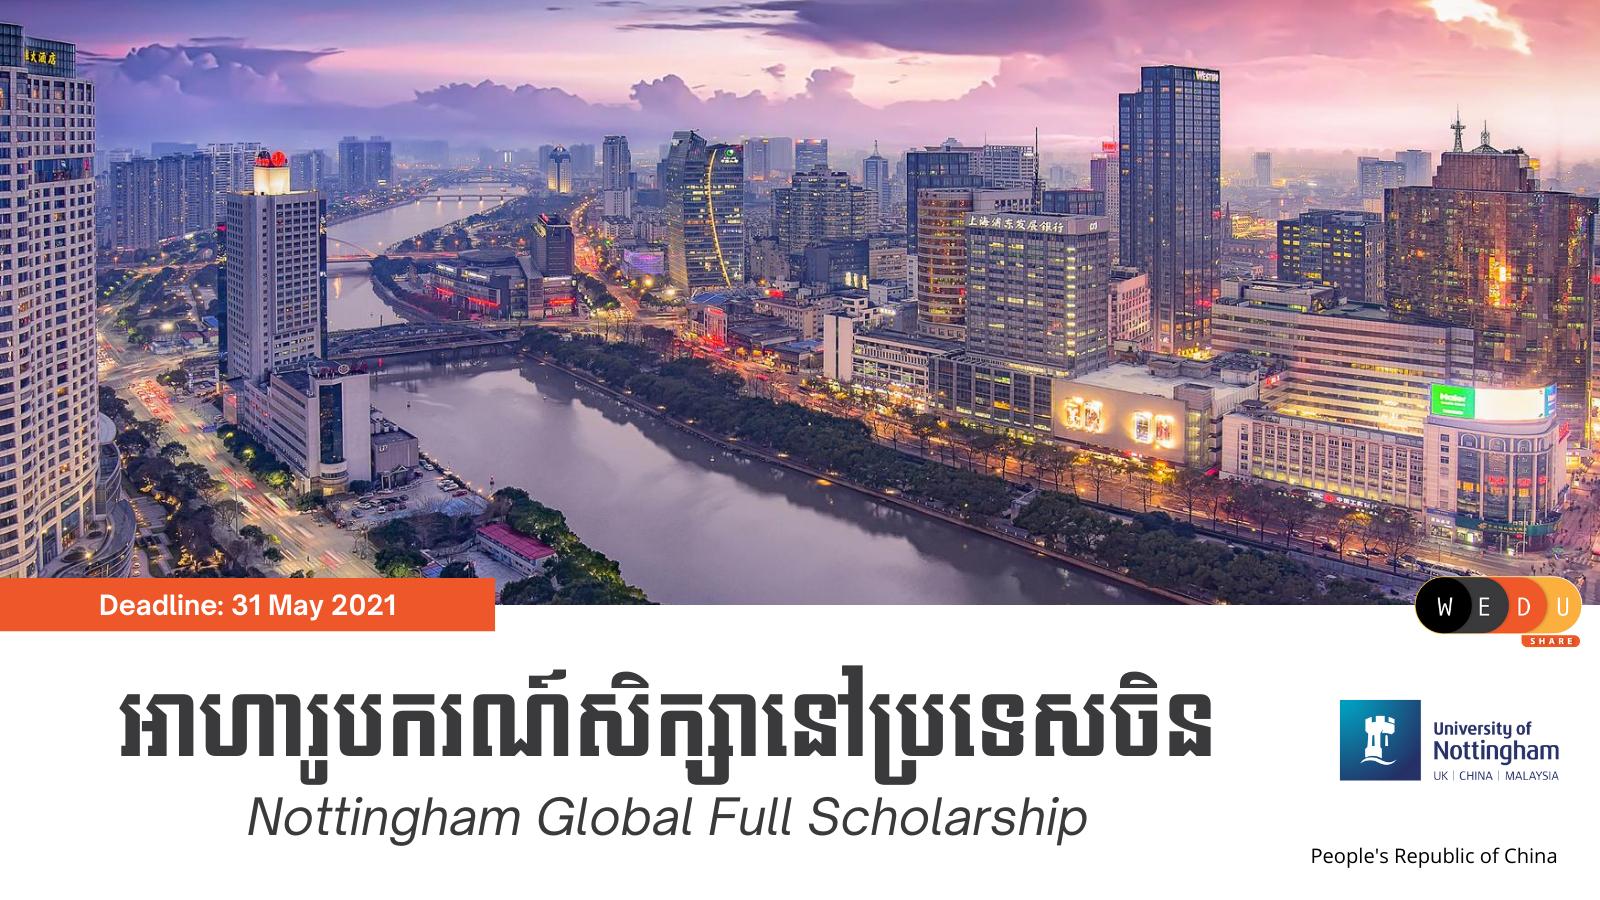 Nottingham Global Full Scholarship